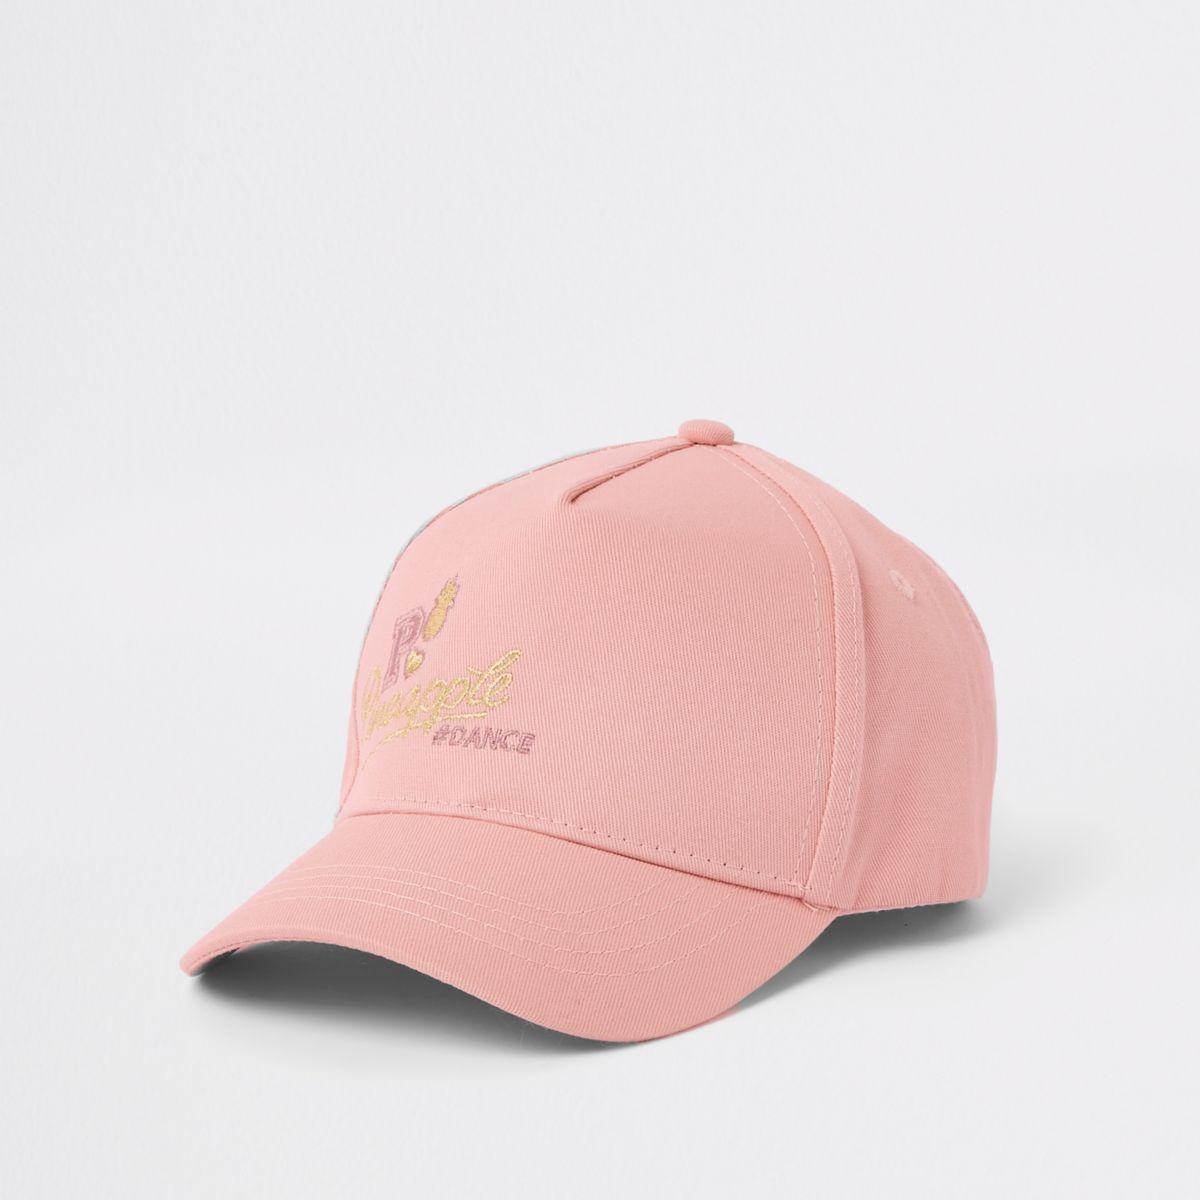 Girls Pineapple pink cap